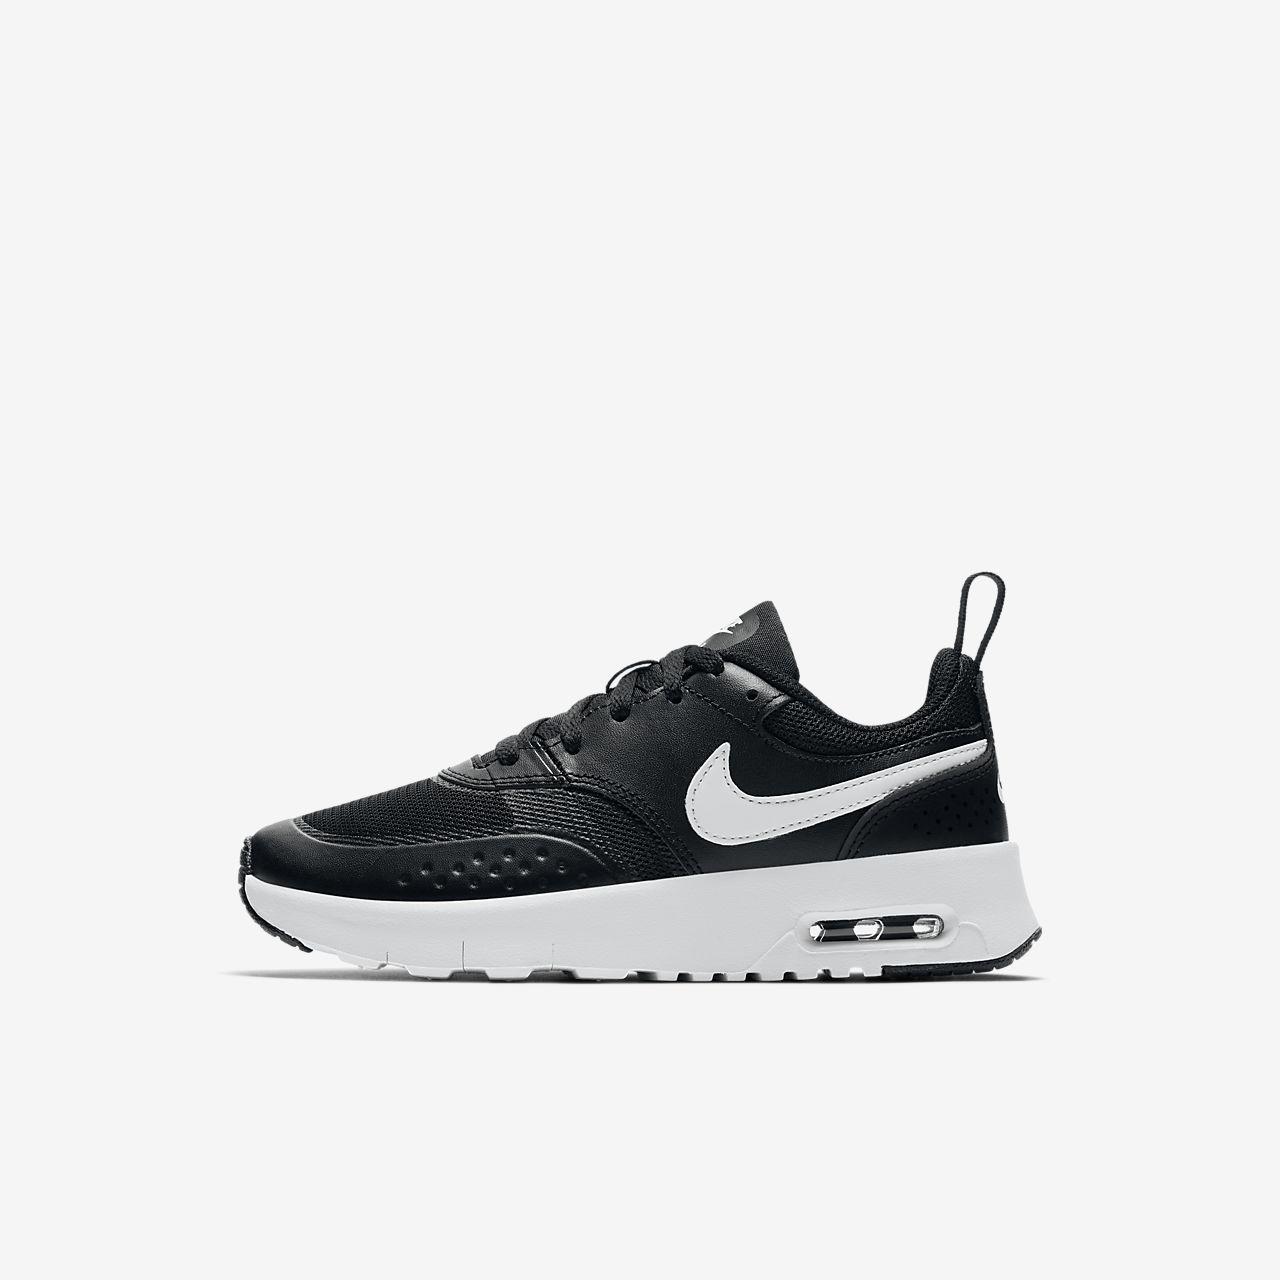 Nike Air Max Chaussures Vision Baskets Lo Noir Blanc Noir Blanc ucVIQ